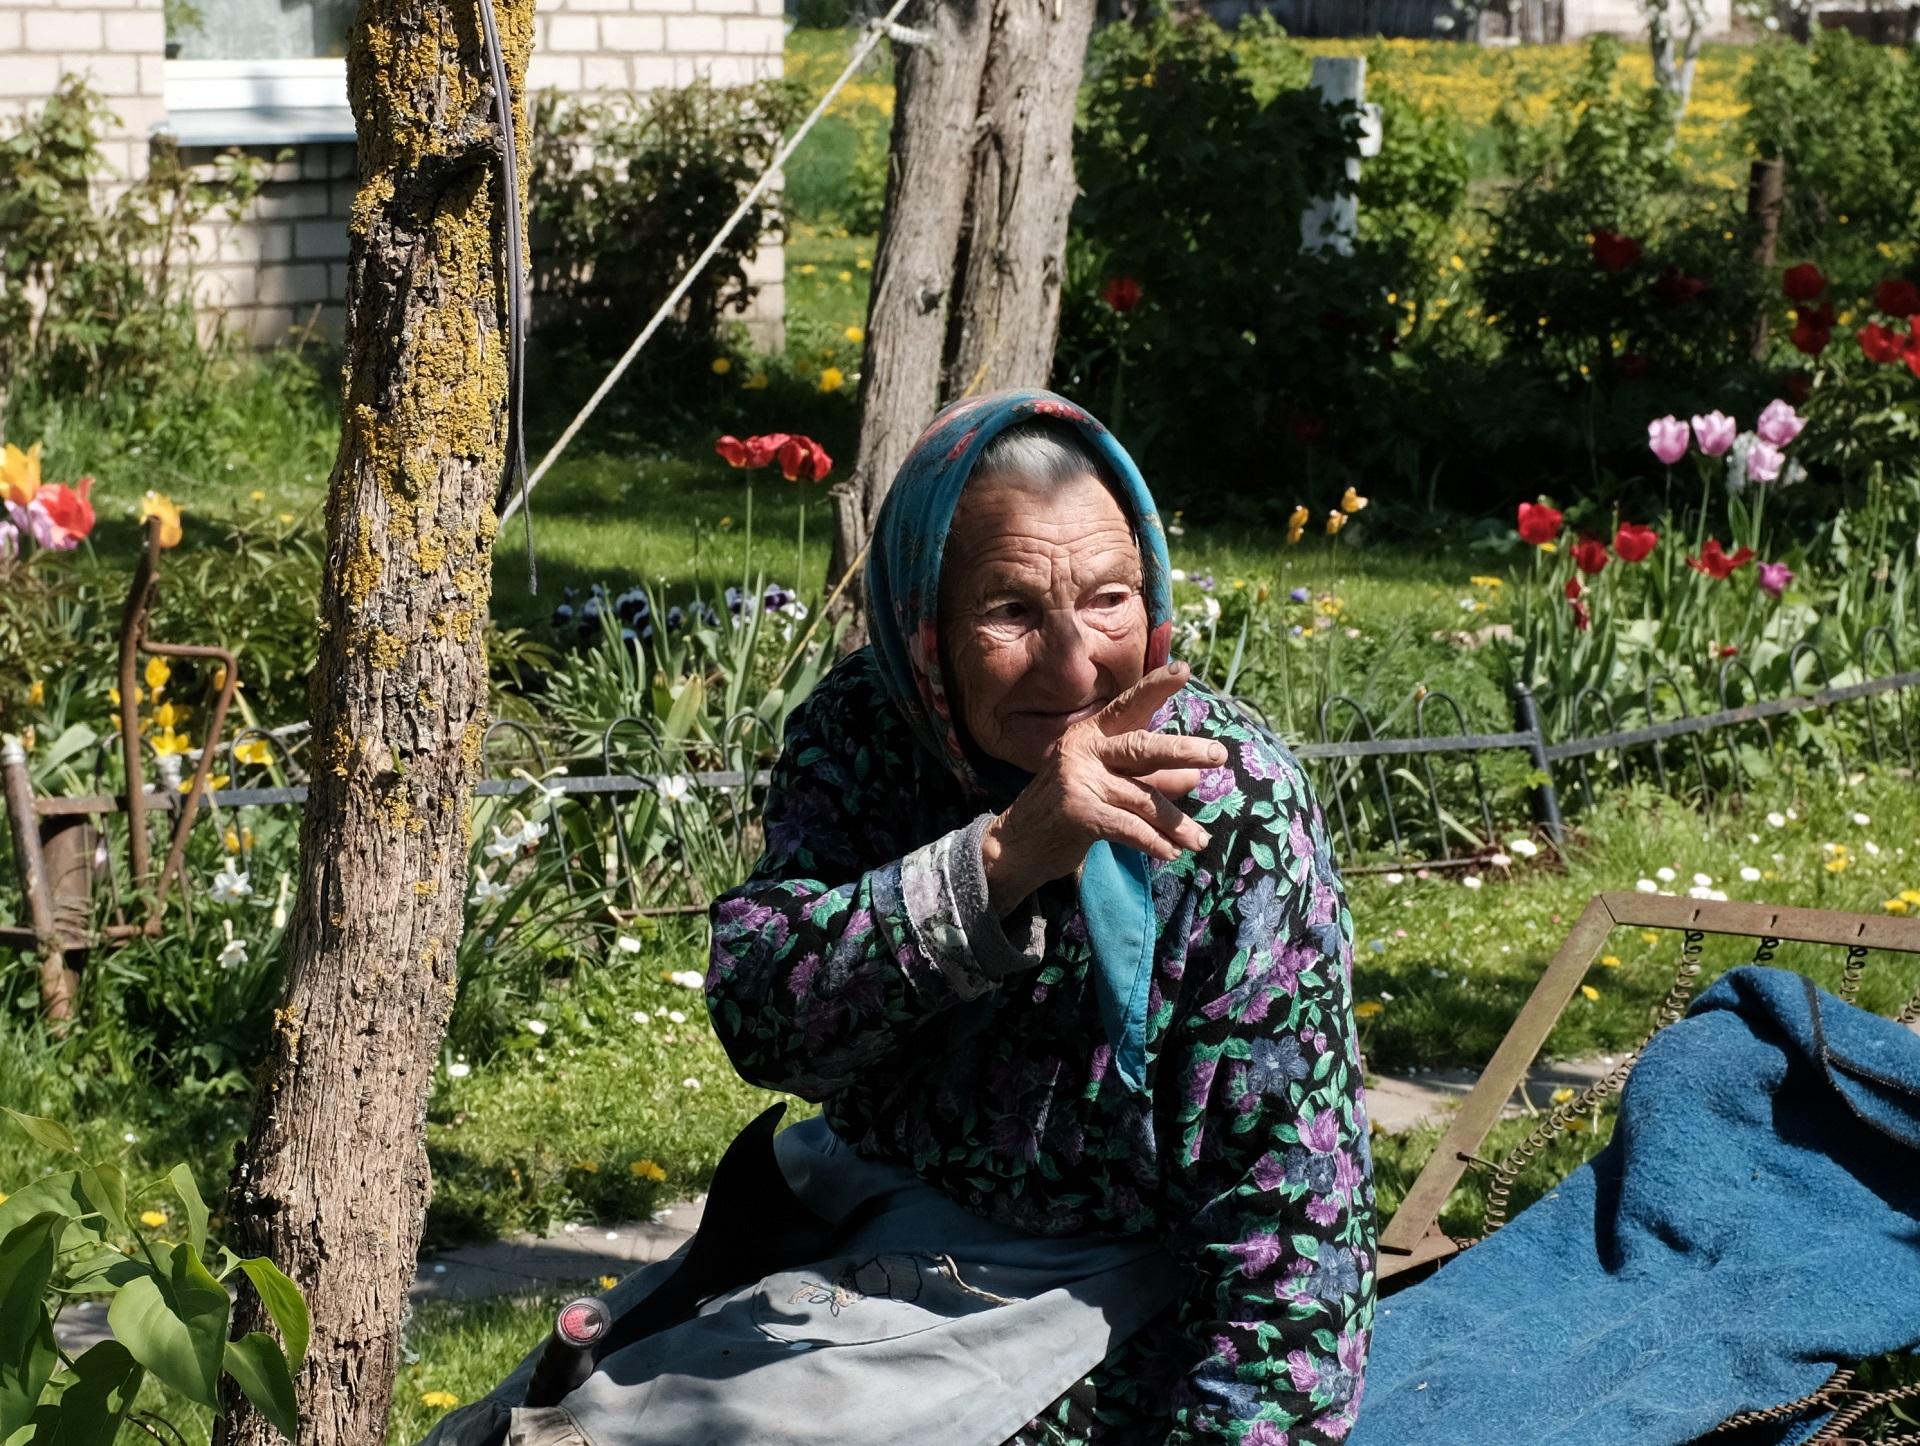 Netoliese pamatome ir močiutę Liubą, kuri sėdi ant suolelio ir mėgaujasi šiltais pavasario saulės spinduliais.  A. Kasparavičiaus nuotr.